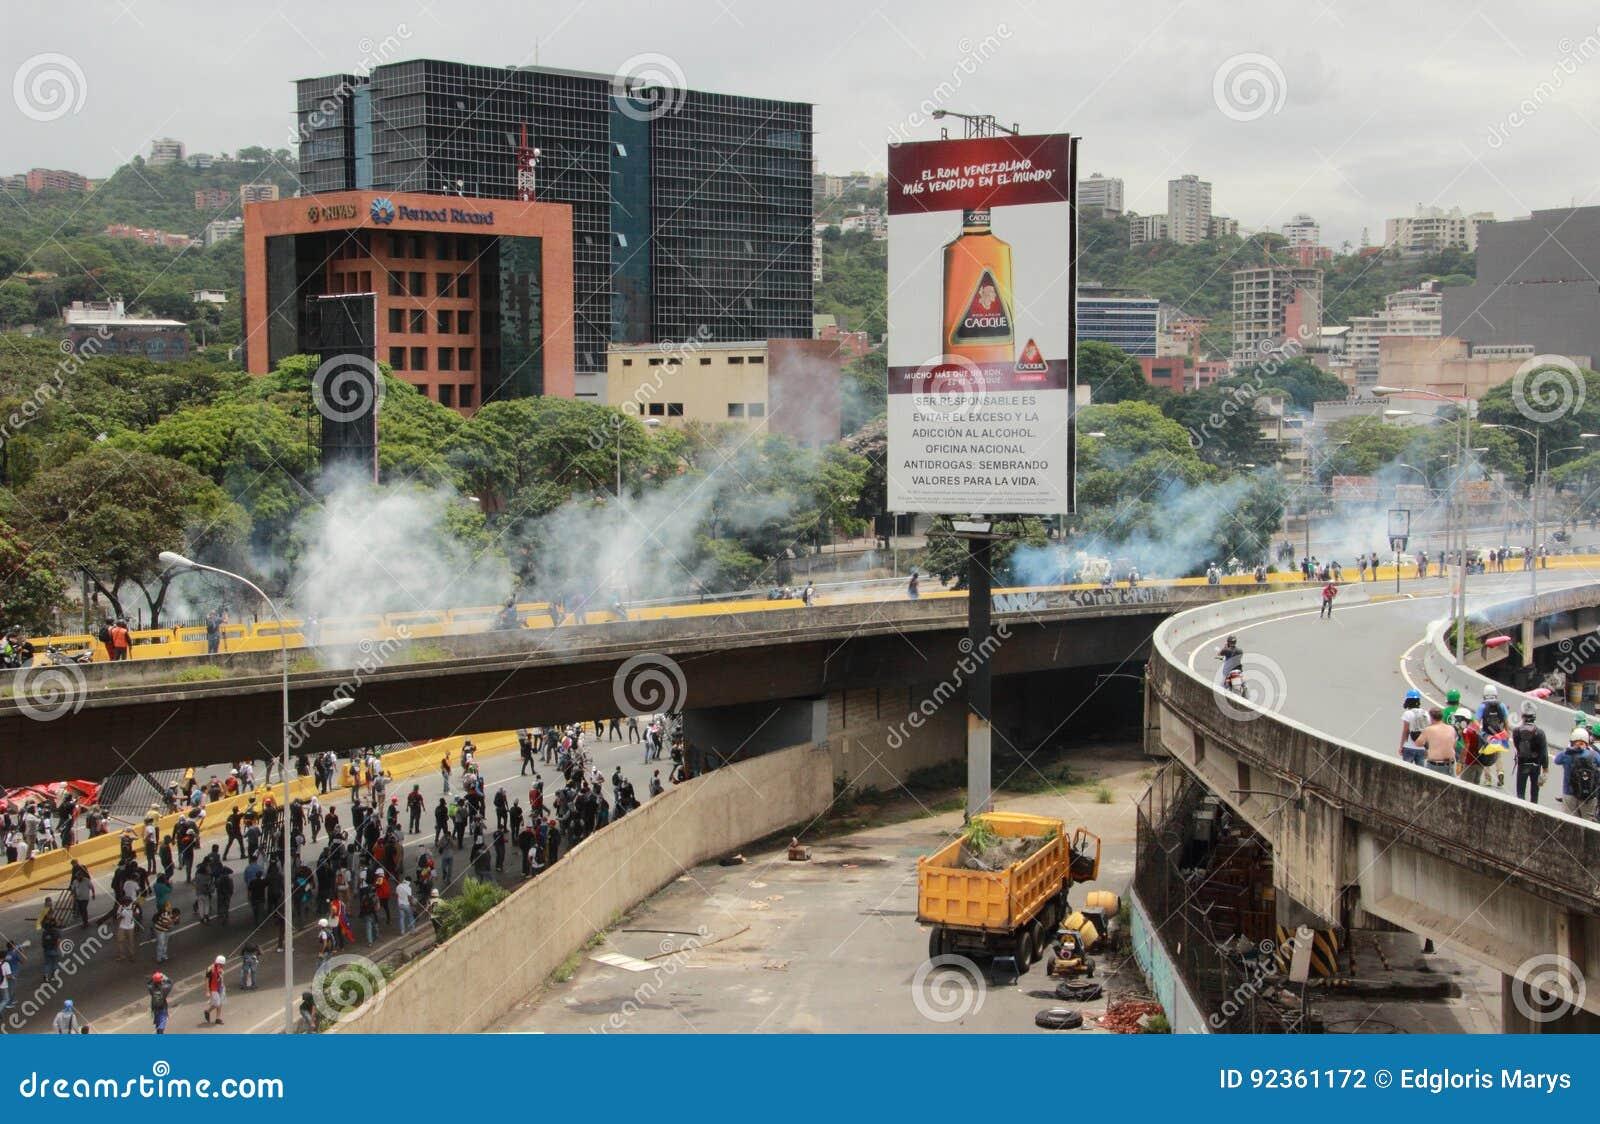 警察在一种反政府抗议使用了催泪弹和橡皮子弹在加拉加斯委内瑞拉2017年5月